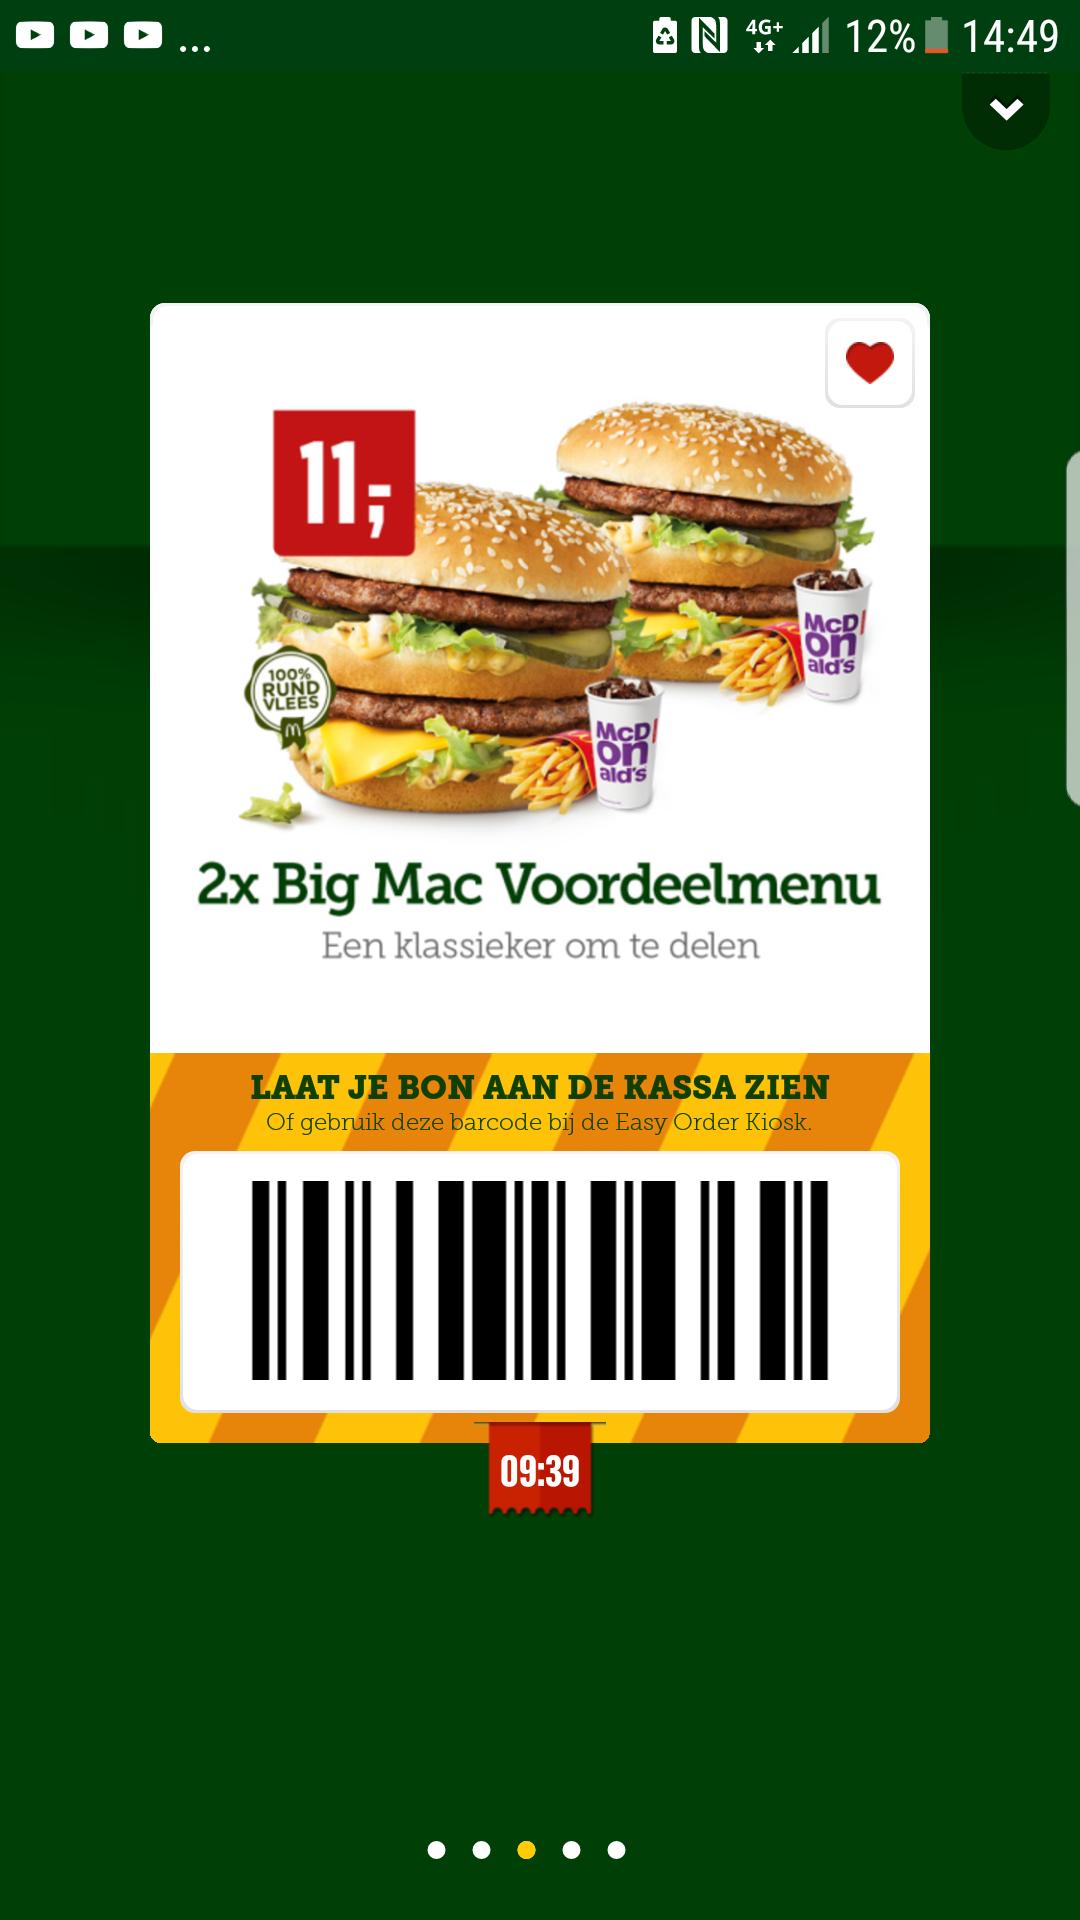 2 x bigmac voordeel menu